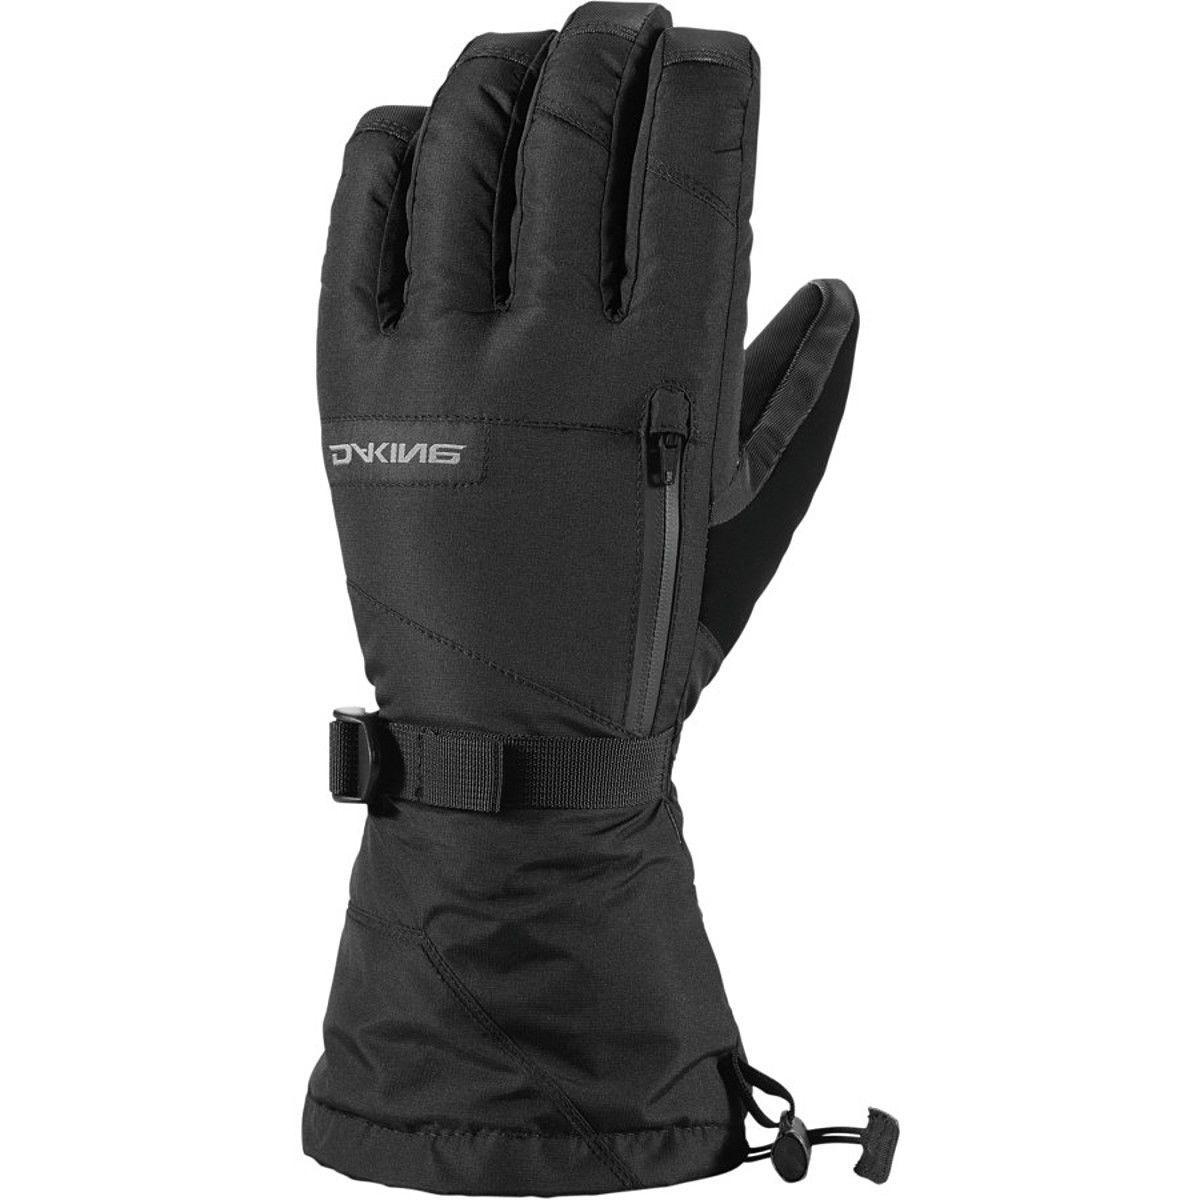 DAKINE Titan Glove - Men's